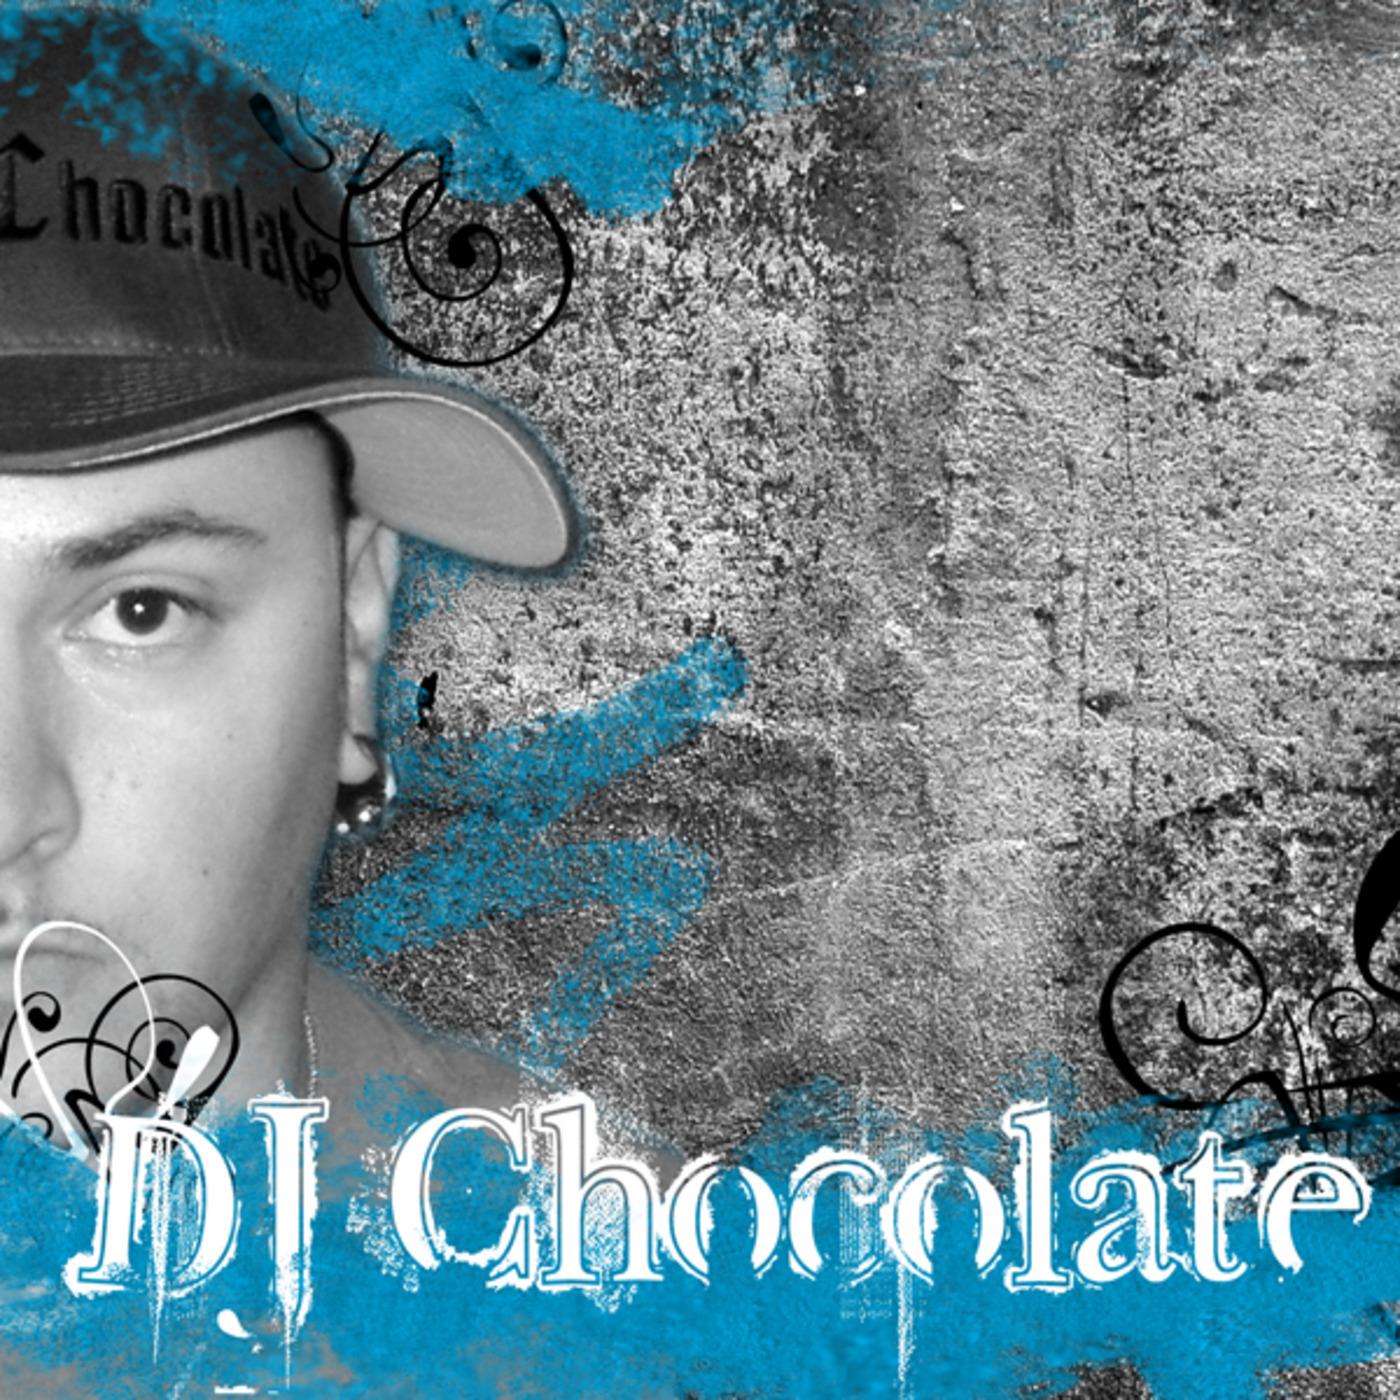 Dj Chocolate LIVE!